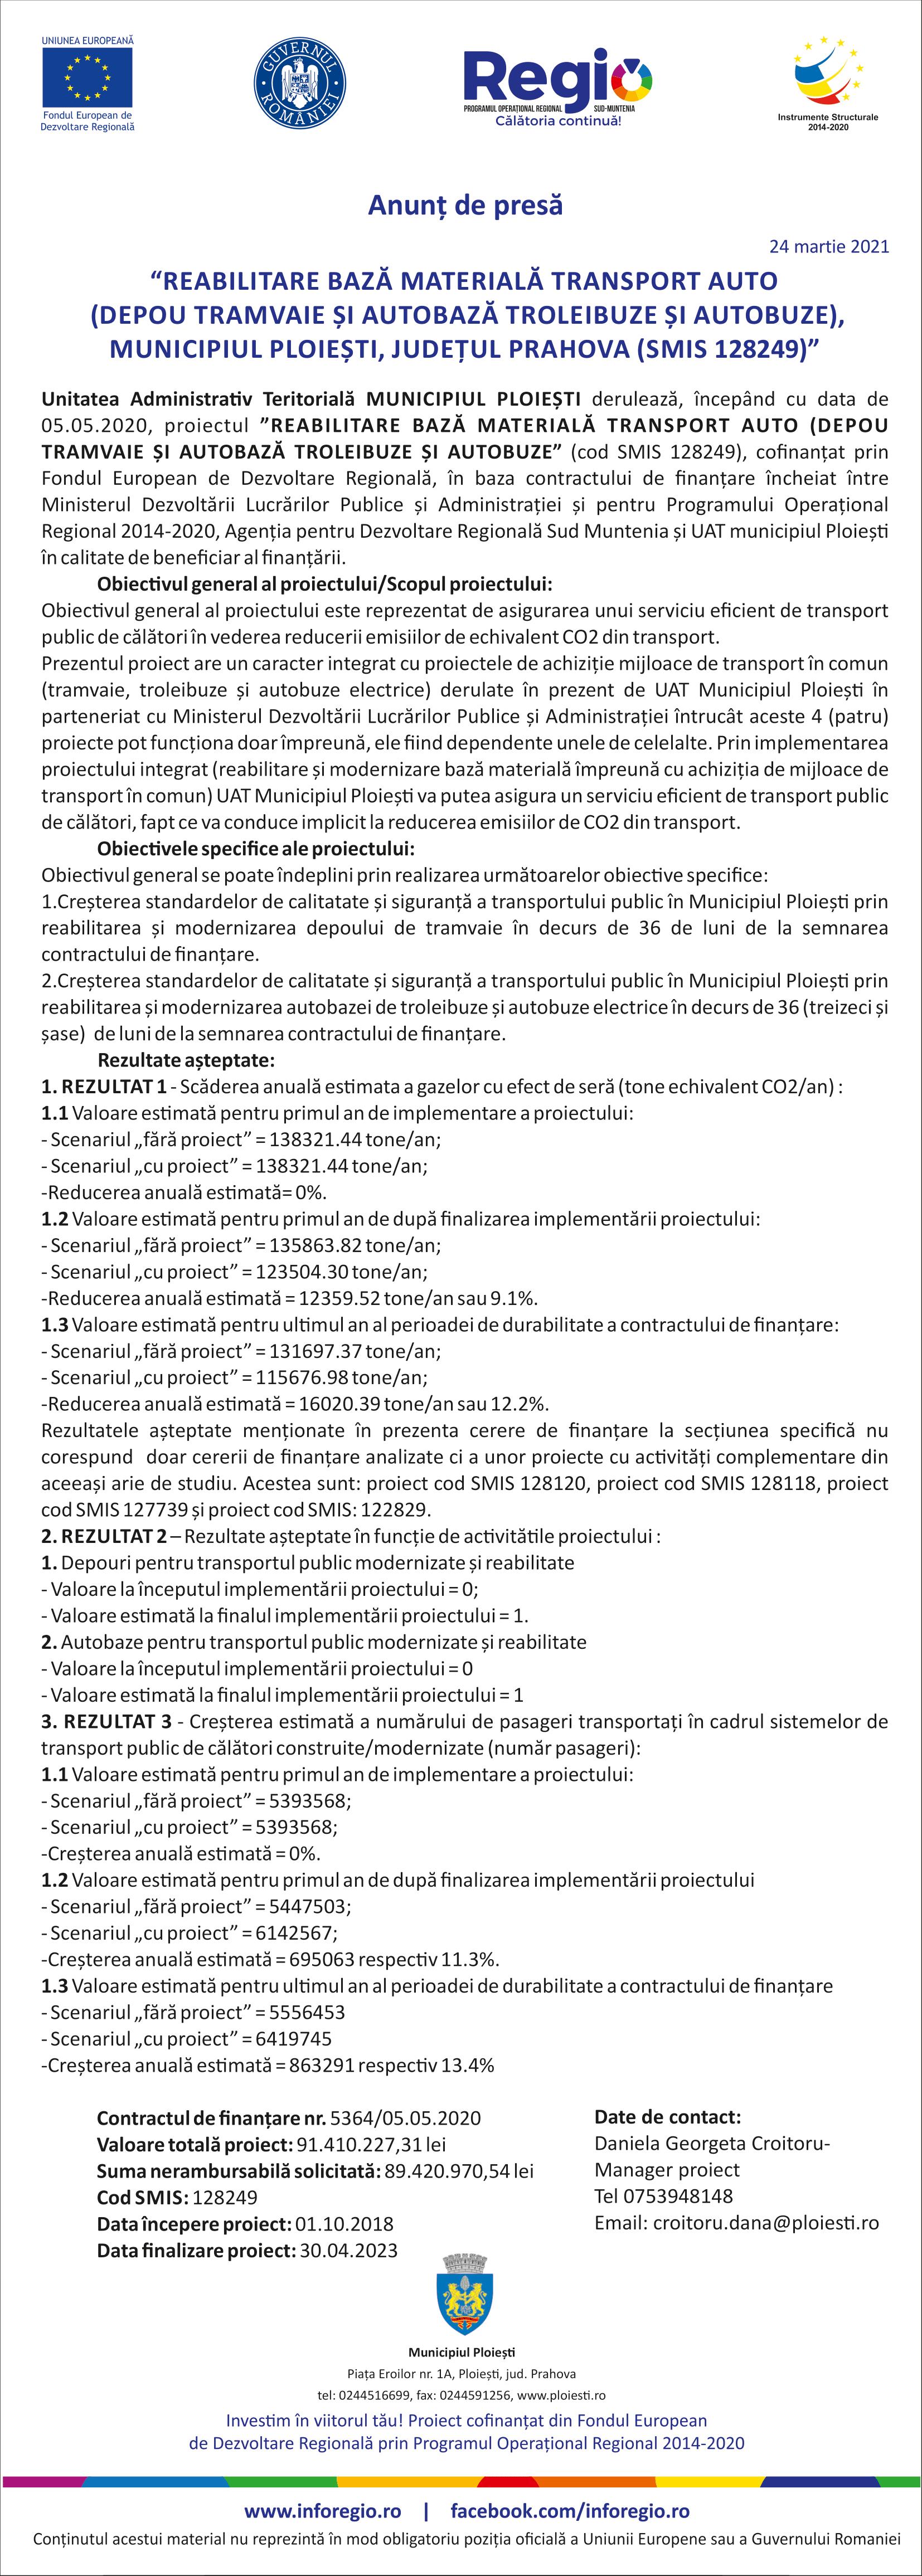 anunt de presa de deschidere Ploiesti online 24-1